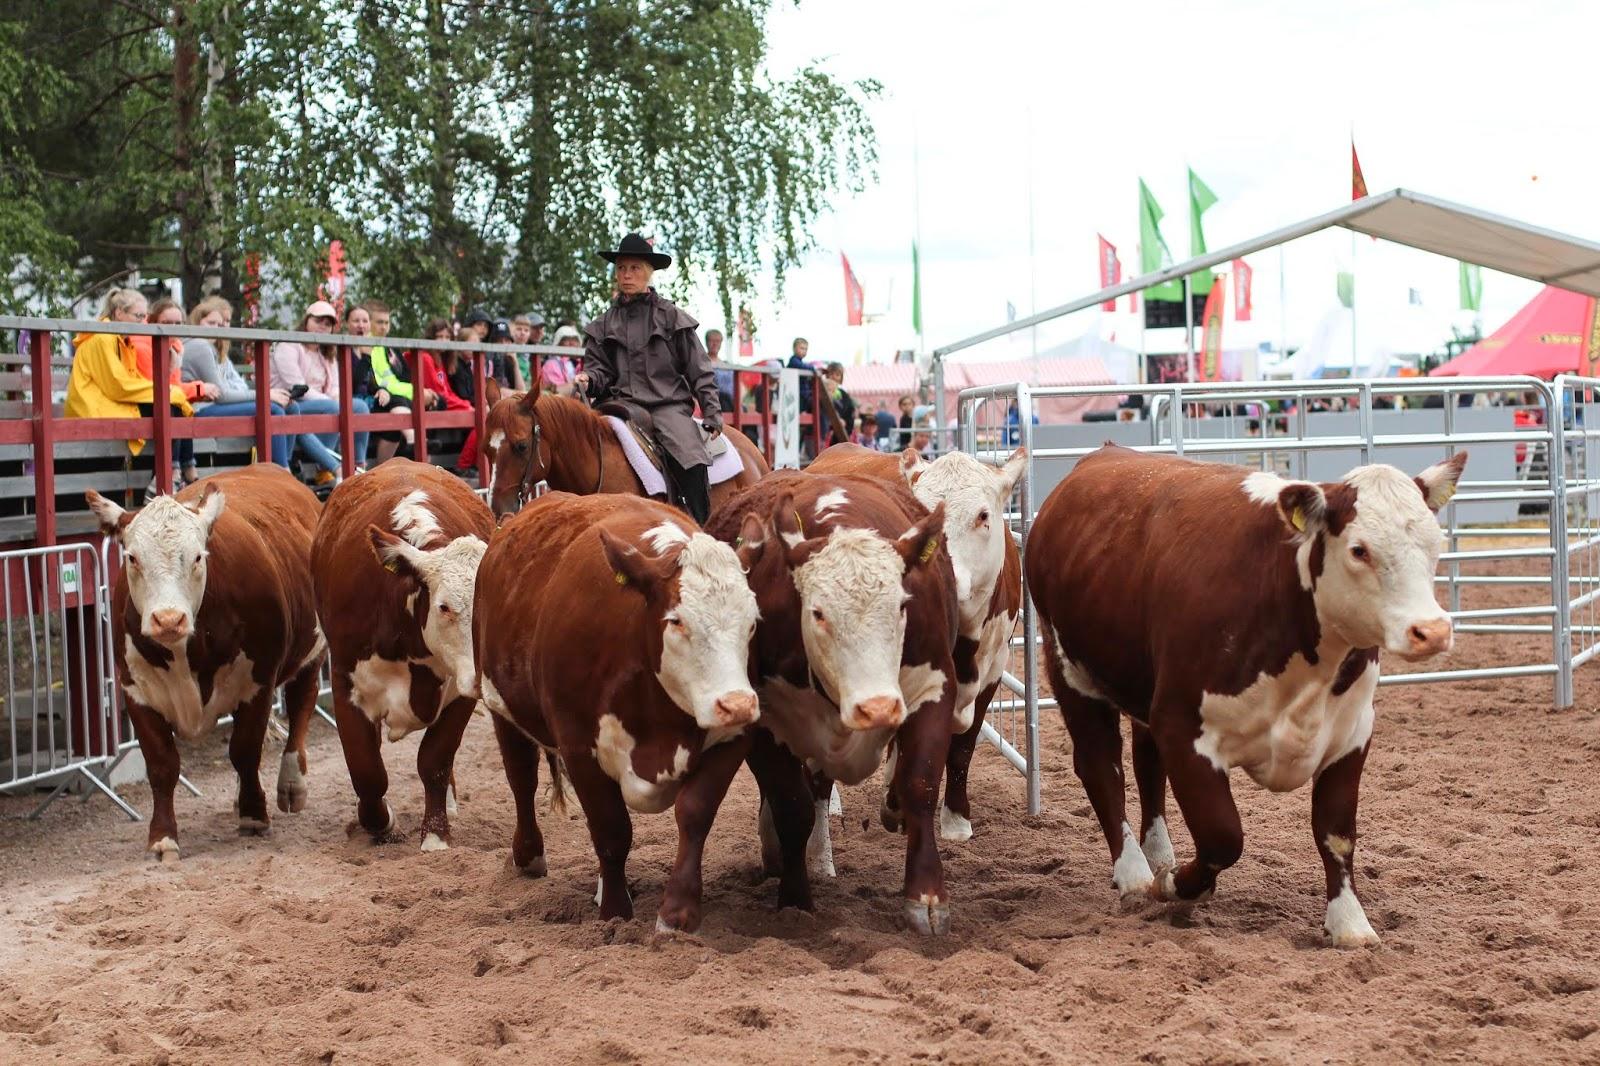 Lännenratsastus on saanut alkunsa karjatyöskentelystä. Okrassa 2019 esiteltiin karjanpaimennusta hevosten kanssa kahdesti päivässä. Sanna Liimatainen antaa hiehoille painetta ja saa ne liikkumaan pois kujasta.